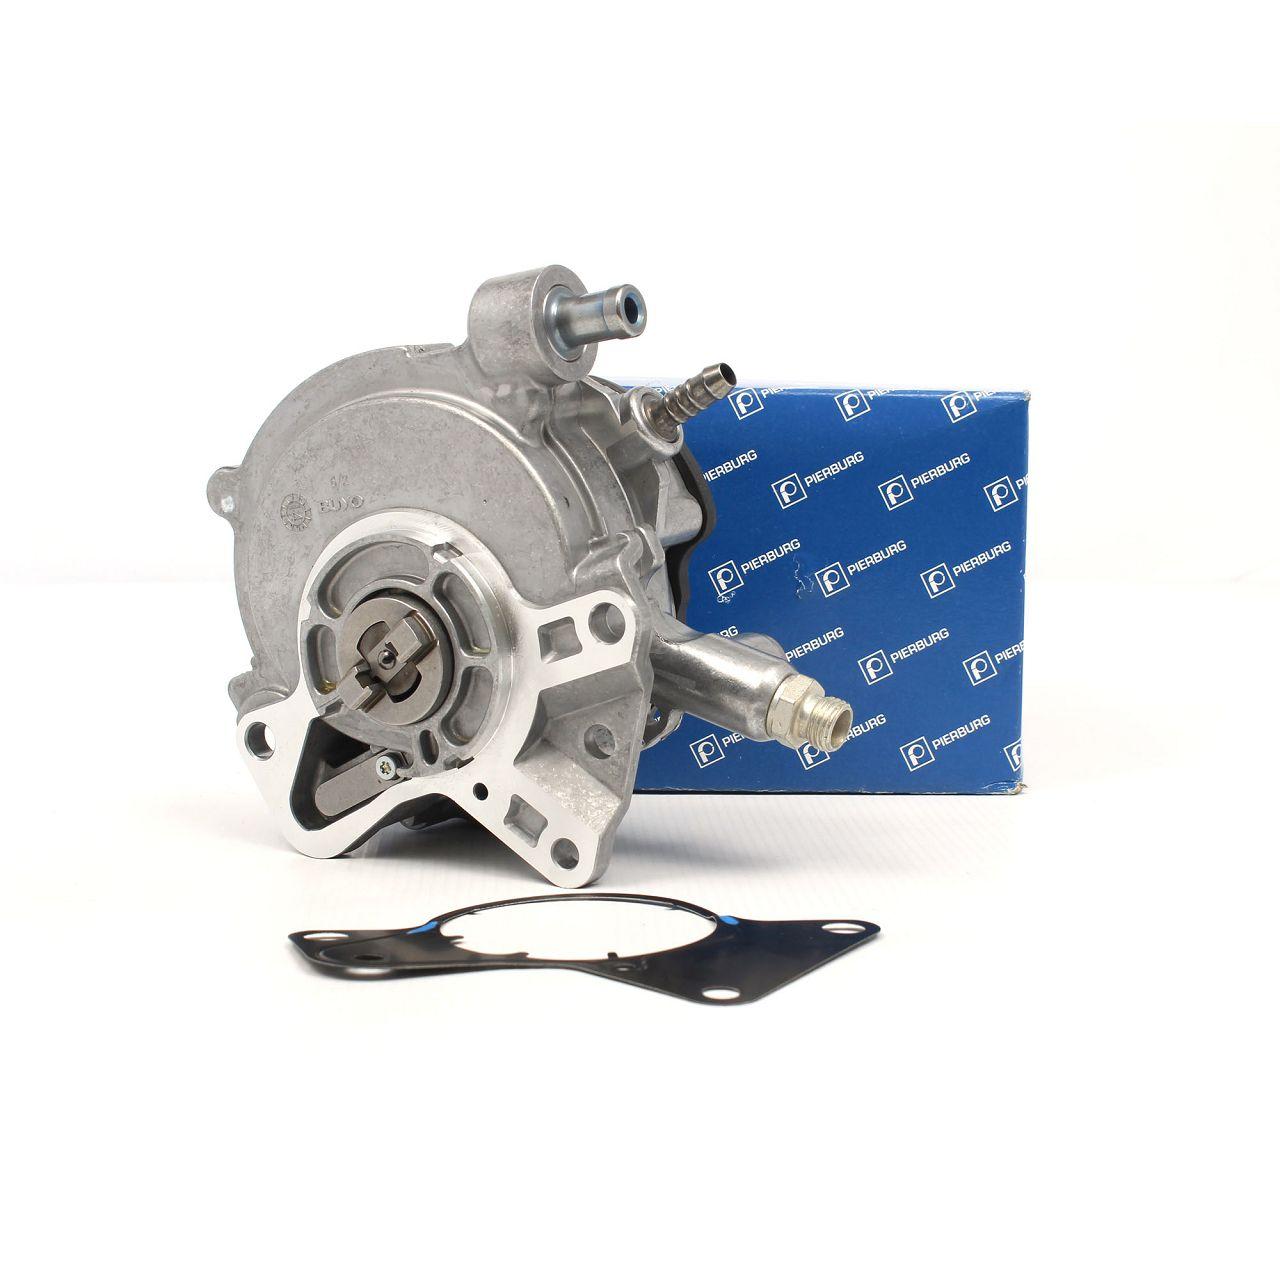 PIERBURG Unterdruckpumpe Vakuumpumpe Kraftstoffpumpe für VW Multivan T5 Touareg